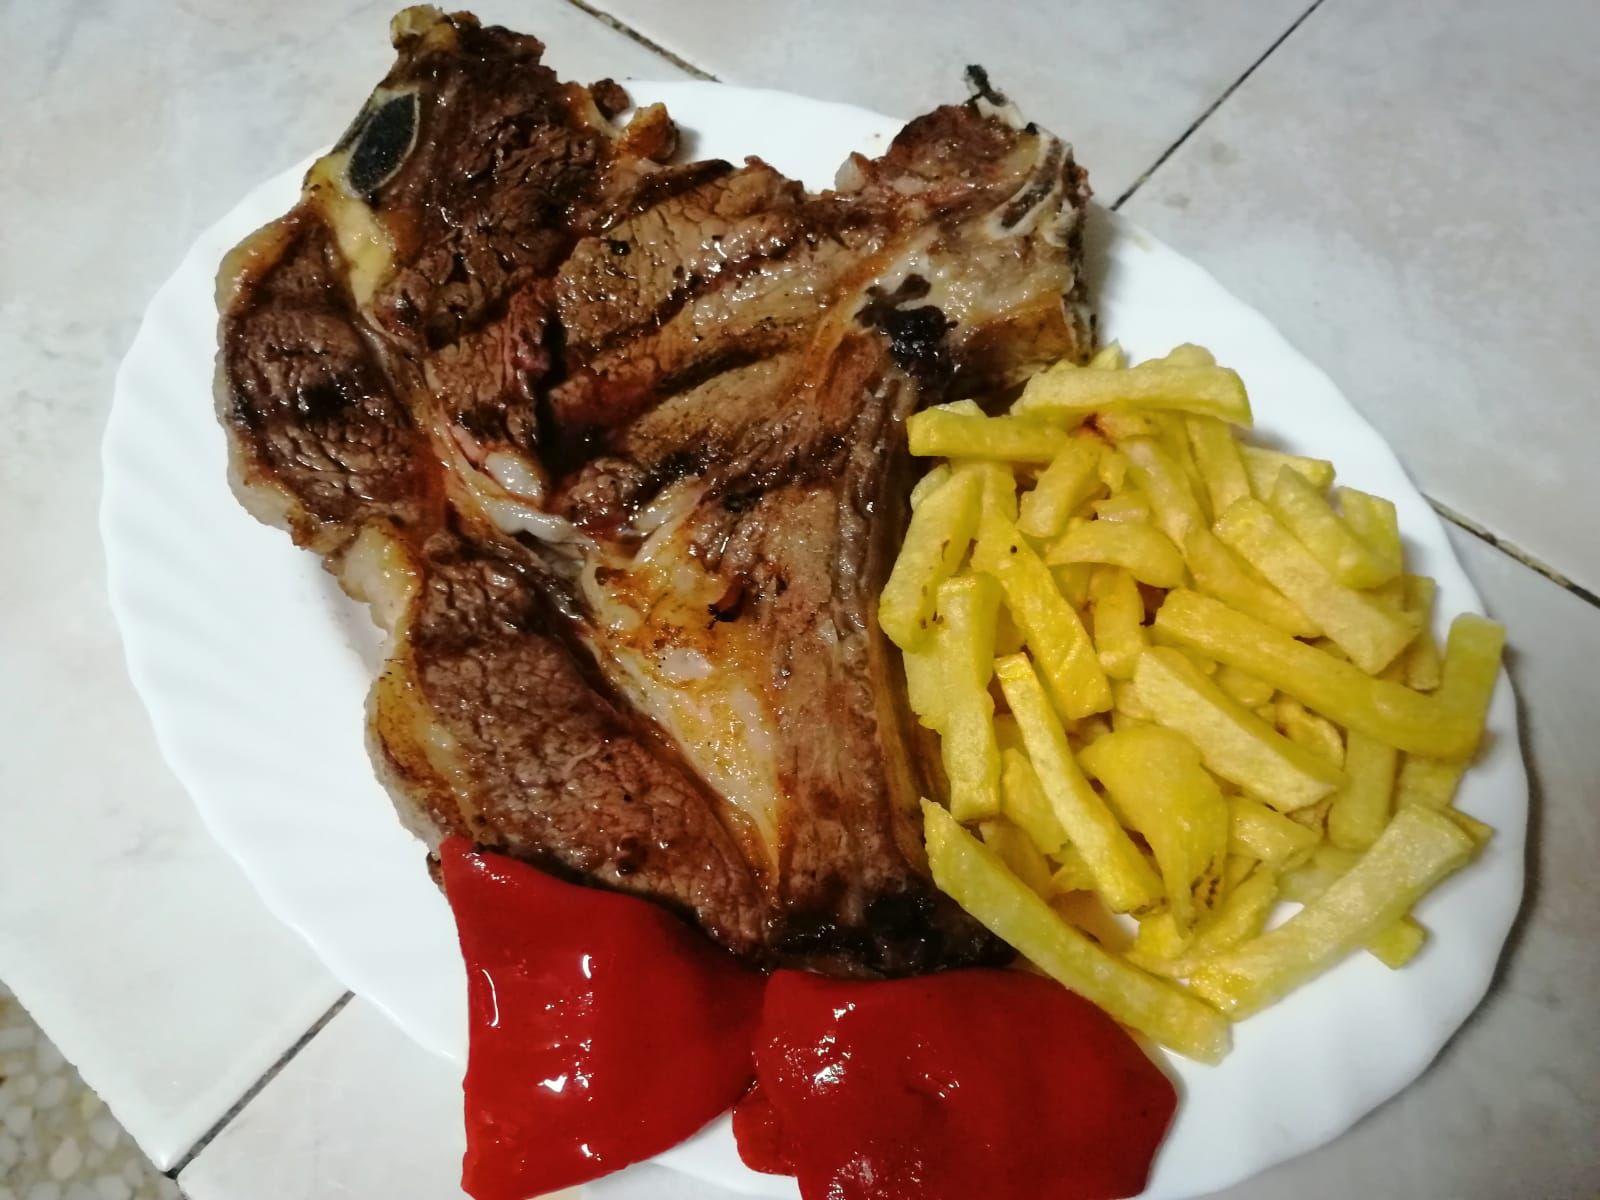 Carnes a la brasa Ciudad Rodrigo